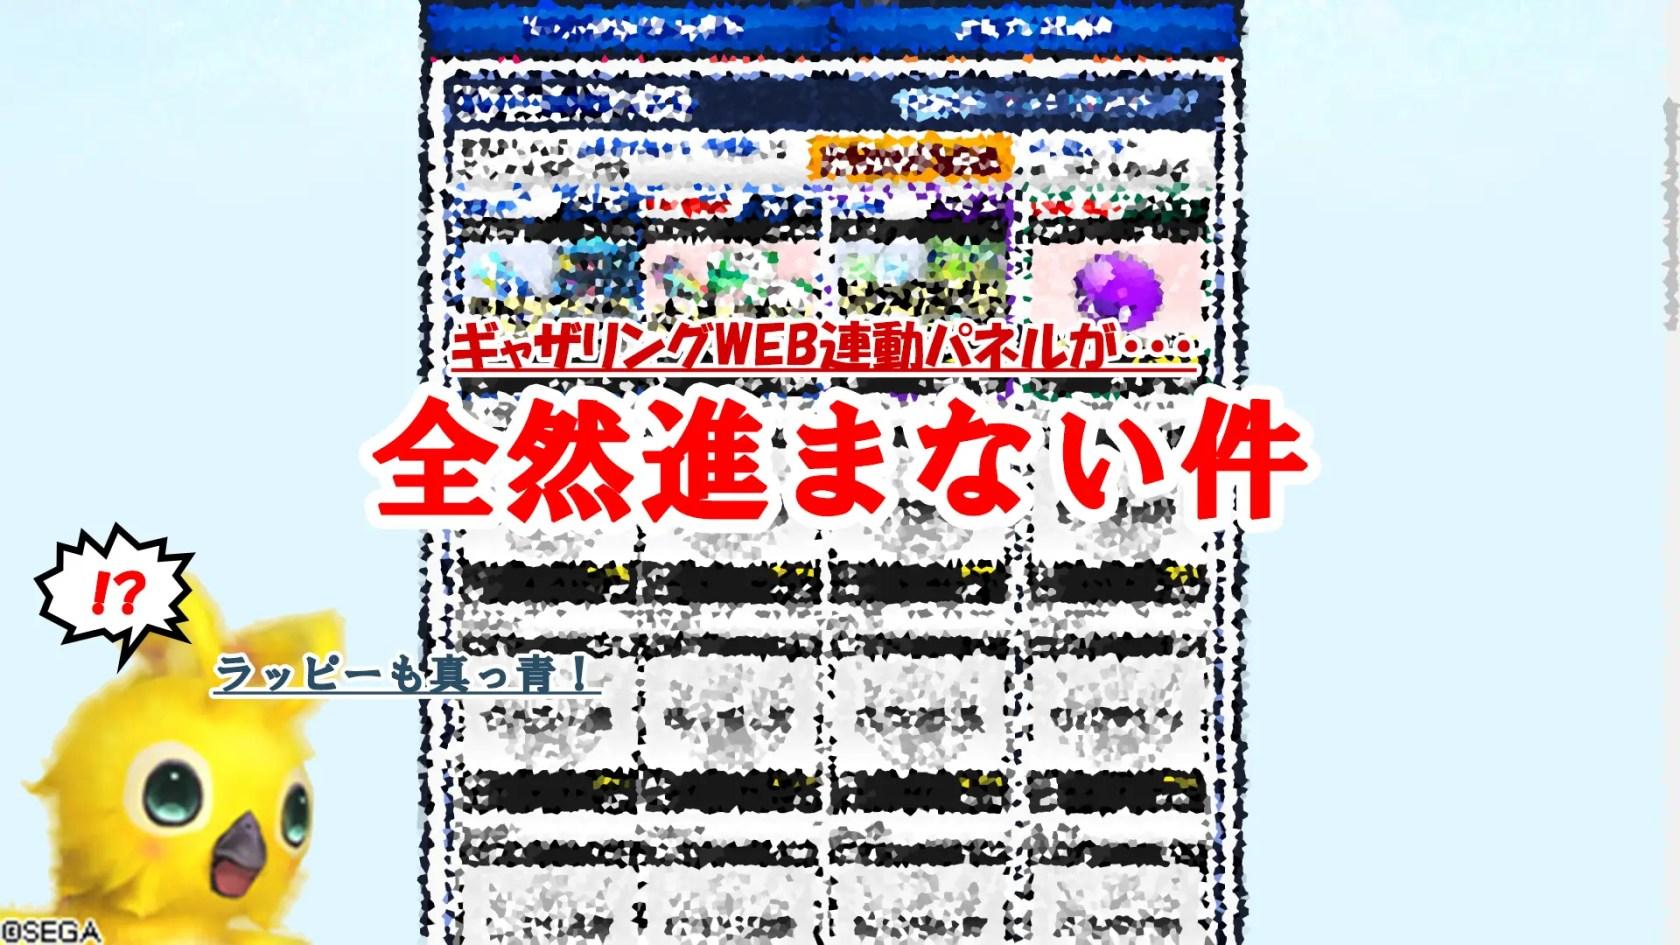 【悲報】新設のギャザリングWEB連動パネルが進まないと話題に!